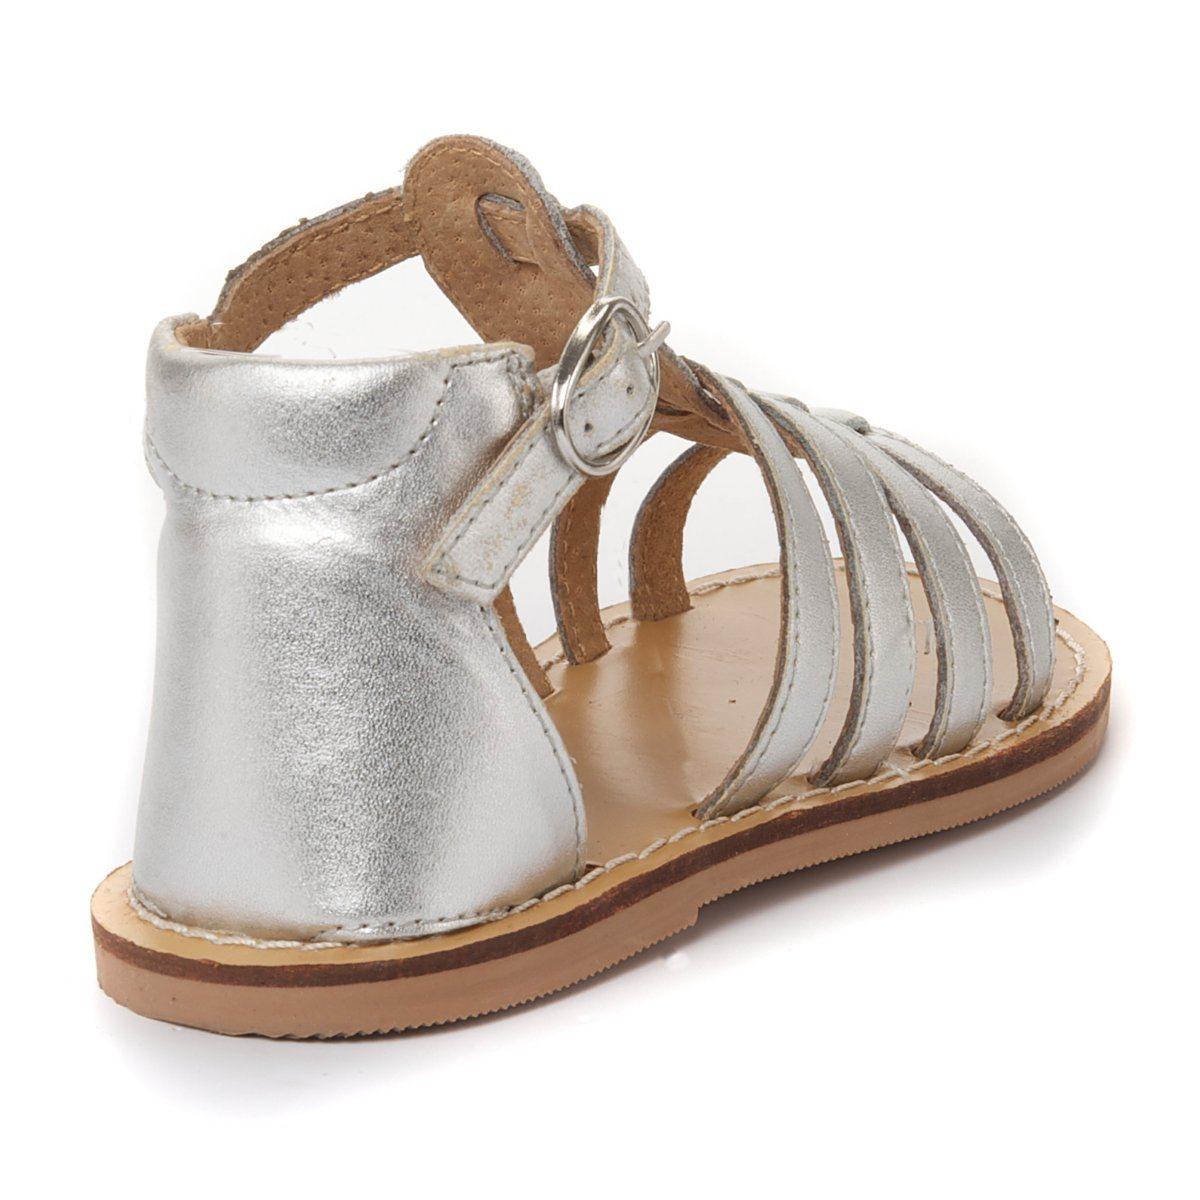 chaussures b b fille sandales trop ziennes argent cuir pointure 22 vendu 18 36 mois. Black Bedroom Furniture Sets. Home Design Ideas